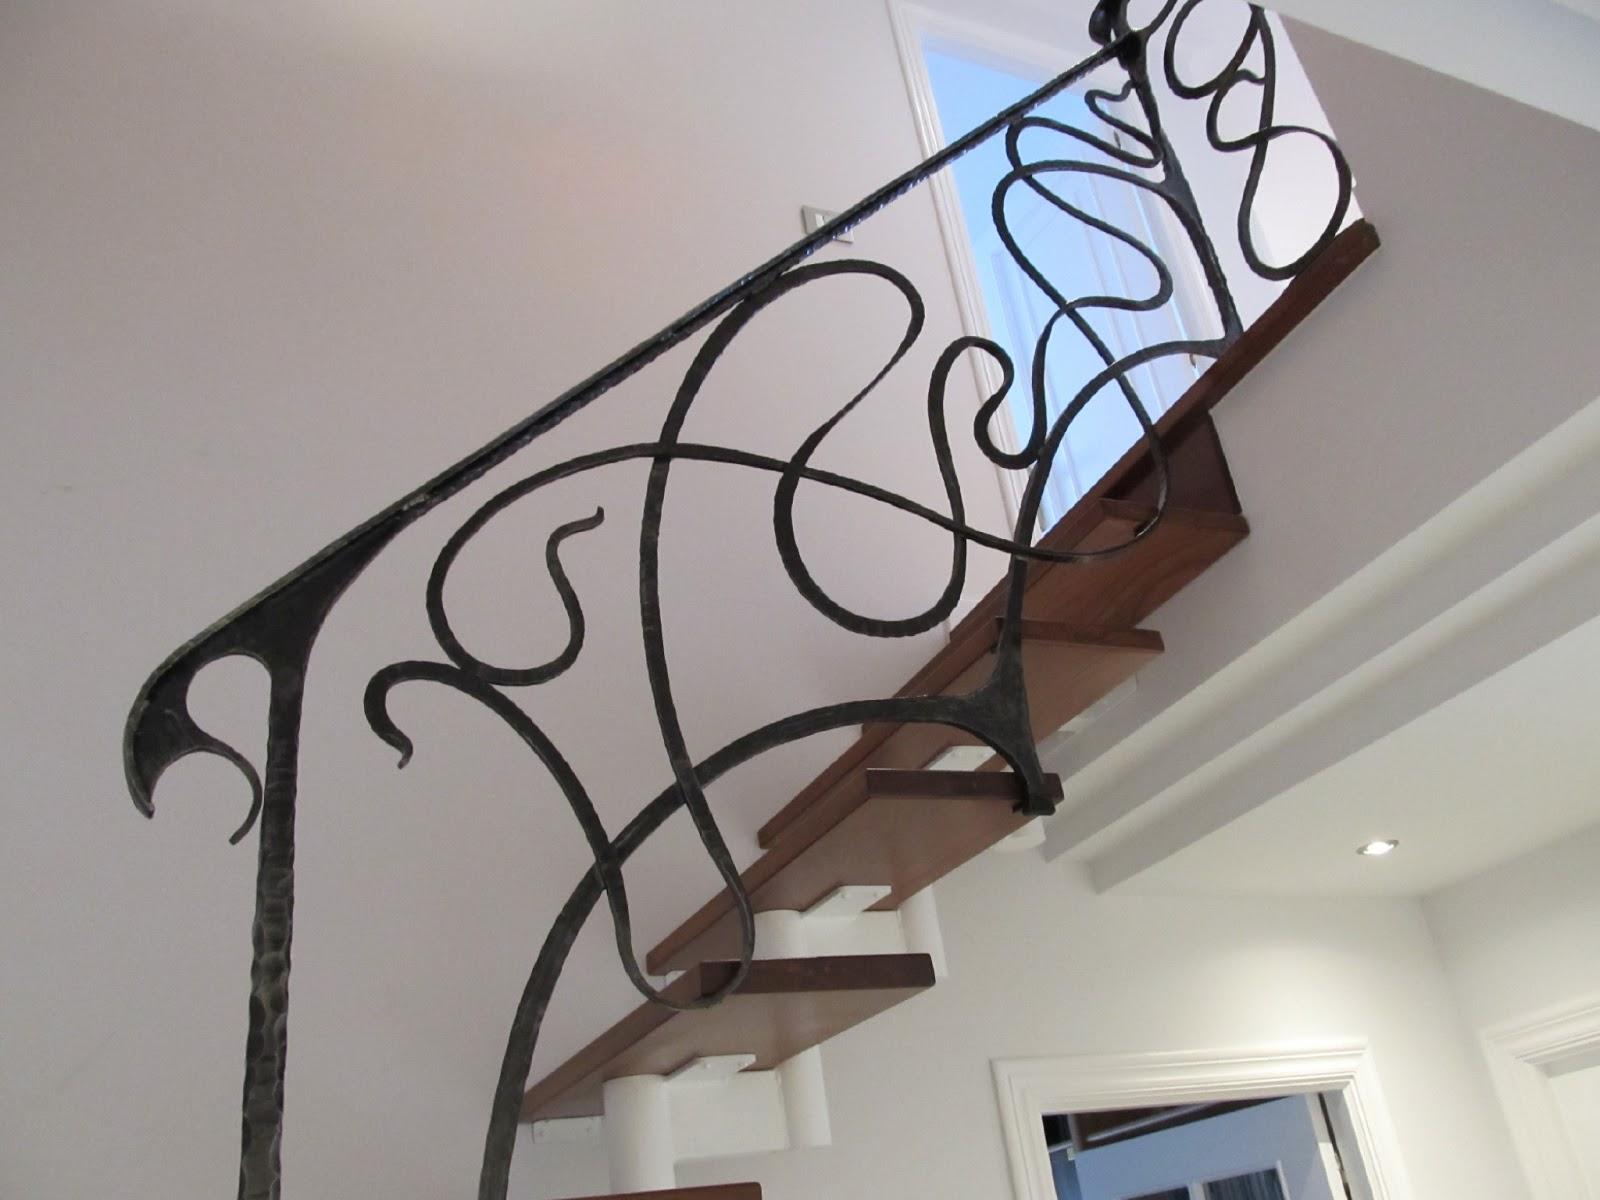 Barandilla de forja modernista - Barandillas de forja para escaleras de interior ...